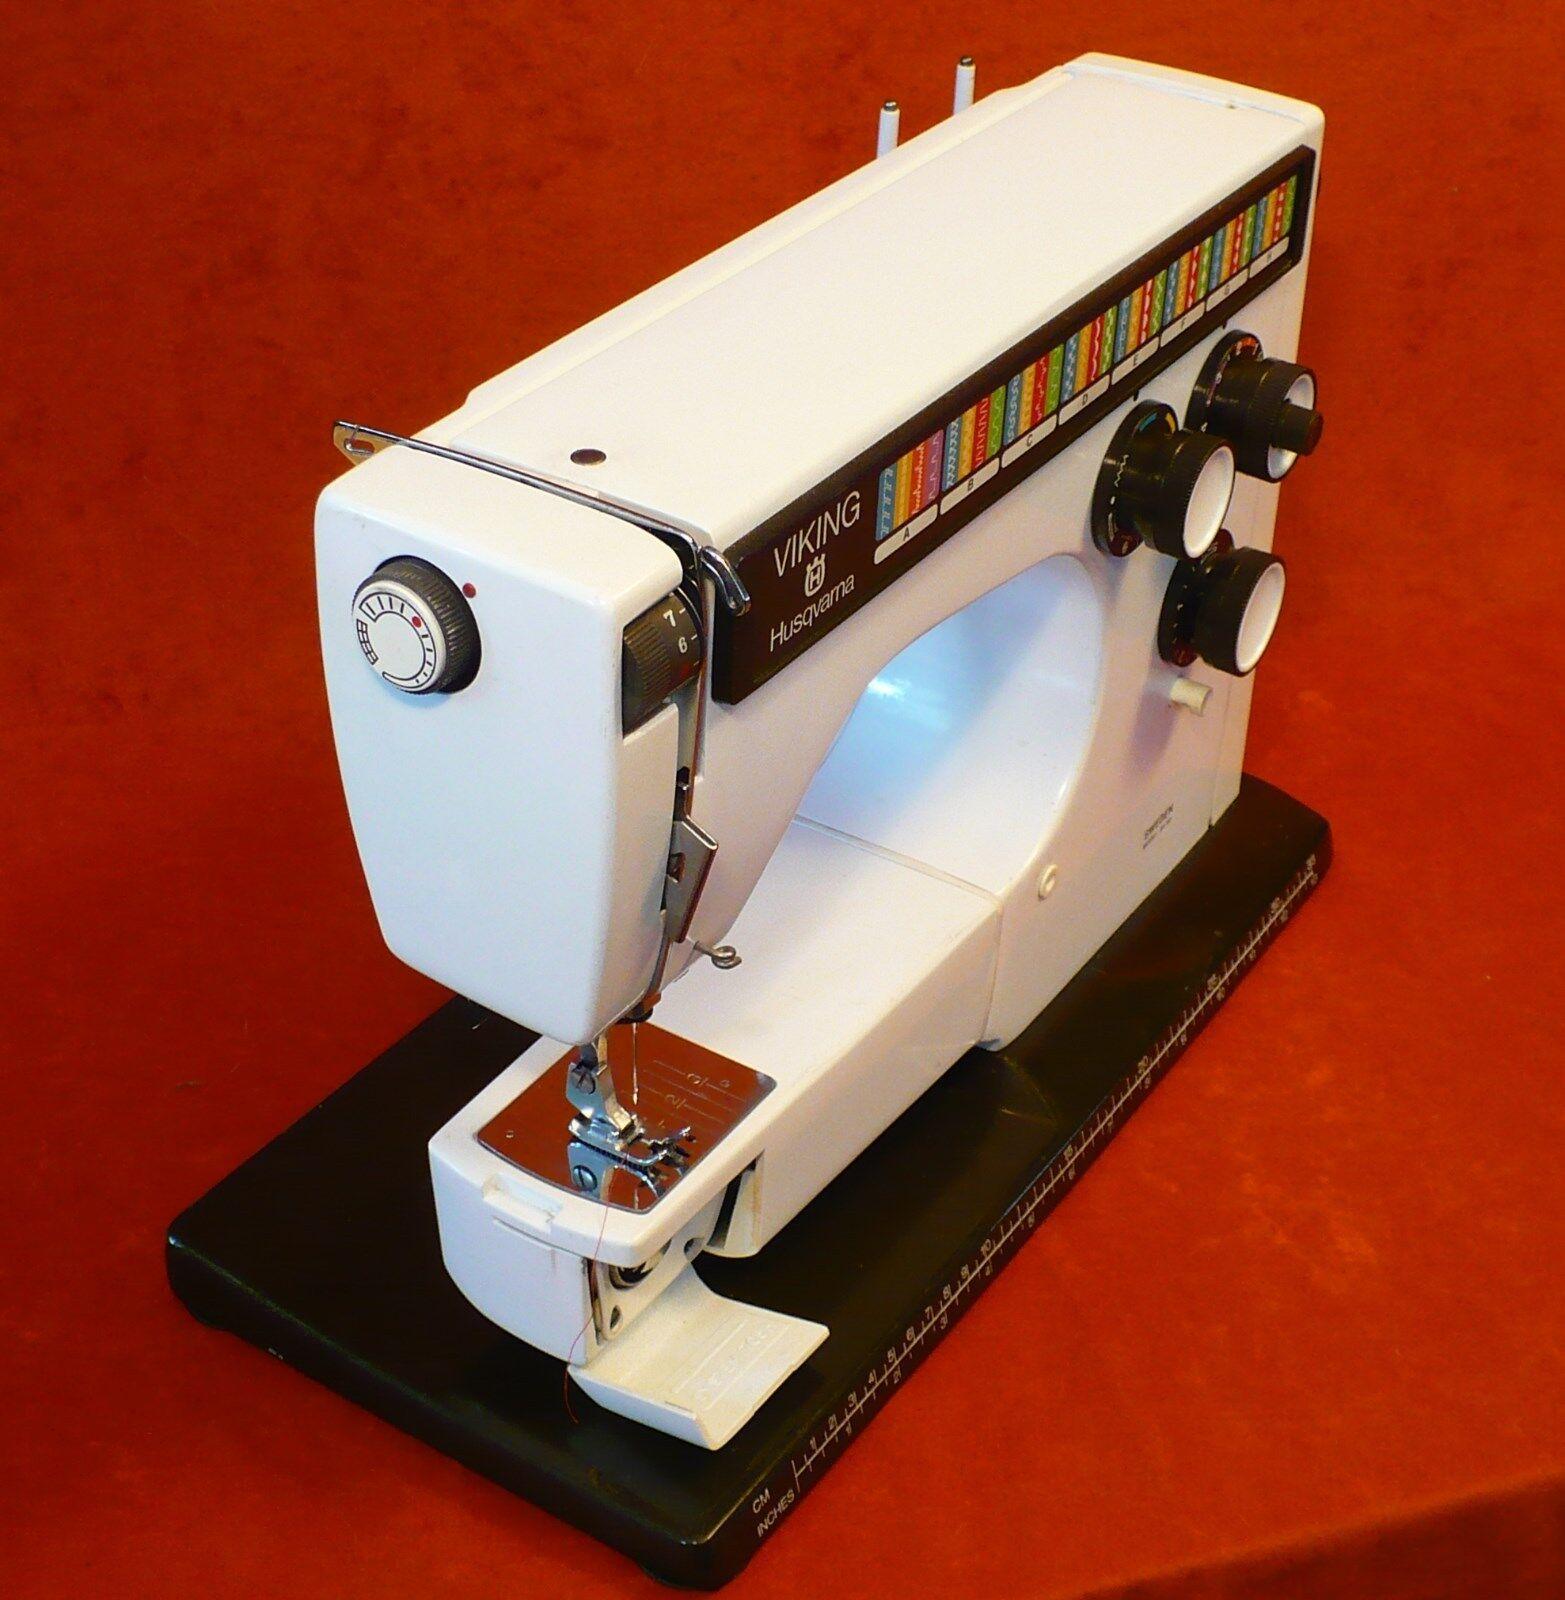 viking 6000 series sewing machine